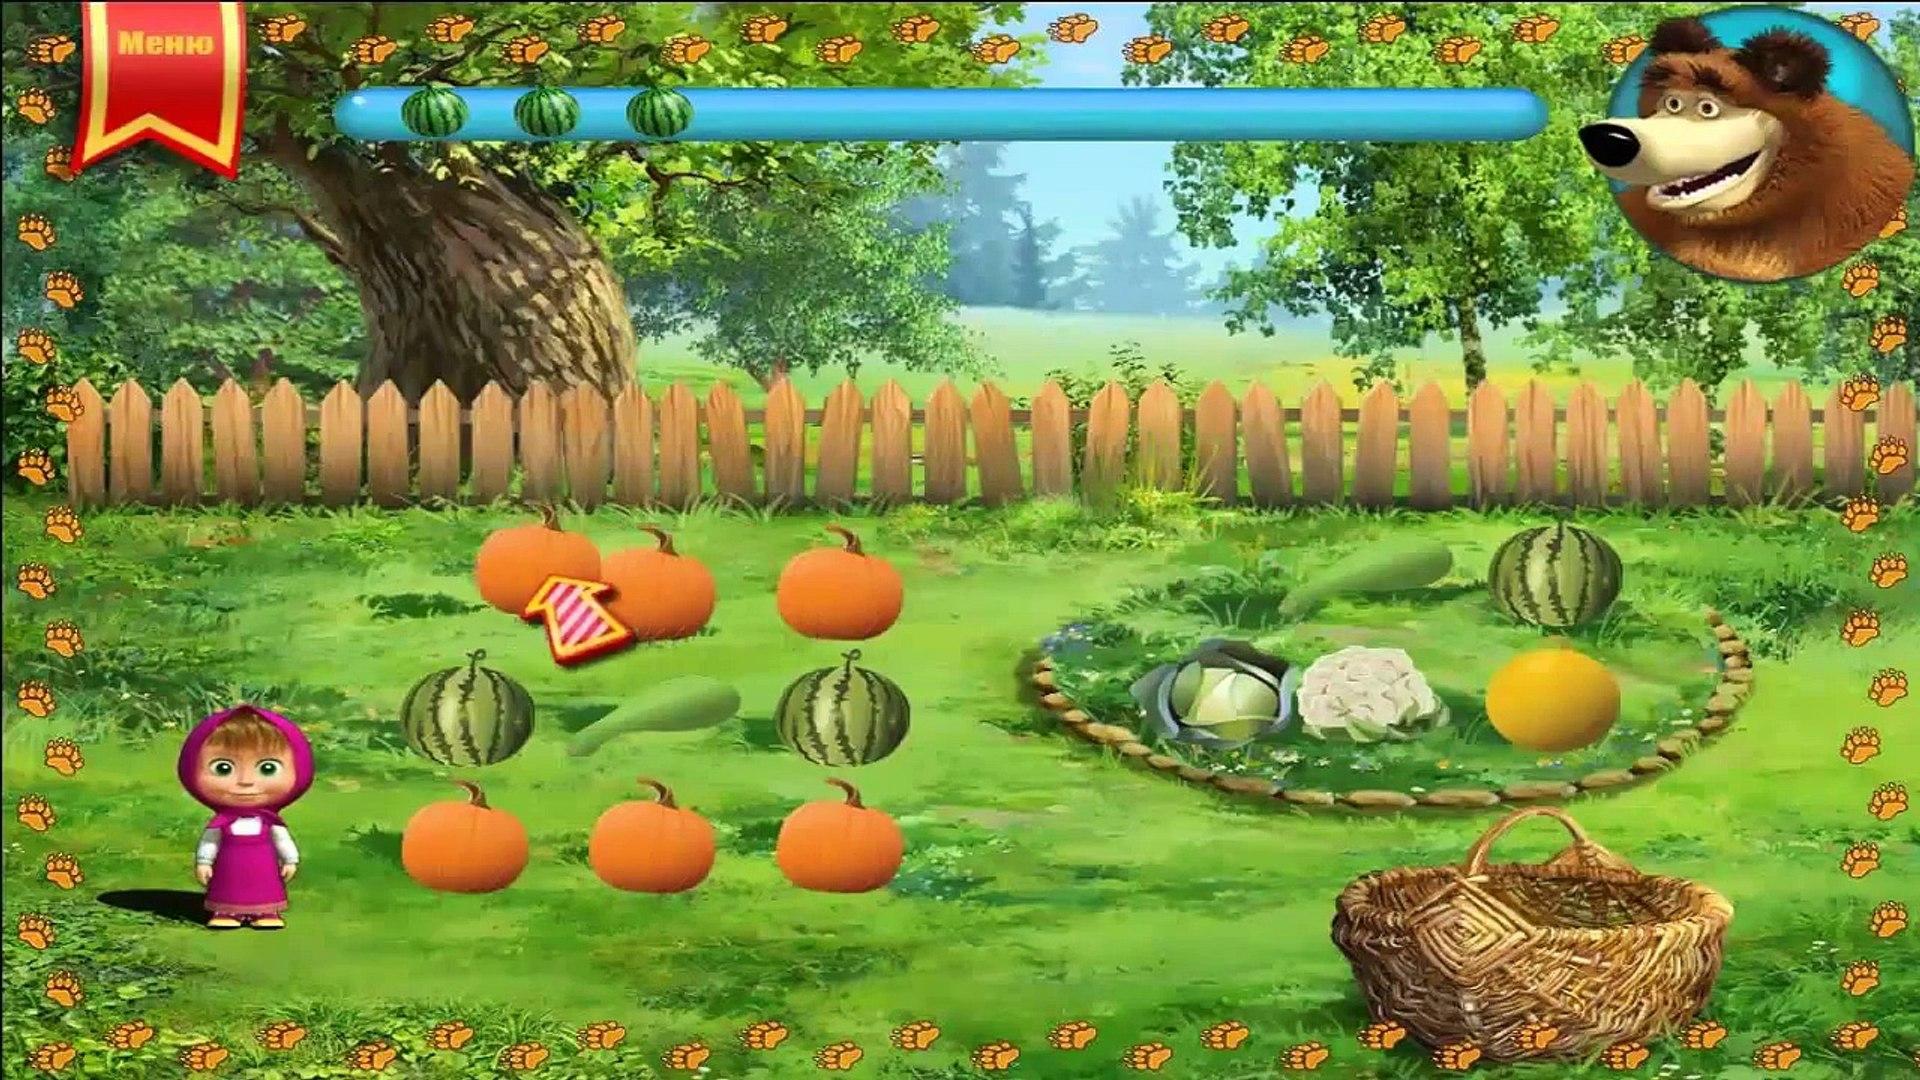 ДЛЯ ФУРШЕТА маша и медведь развивающая игра сажаем огород овощи новые серии детей часть 5